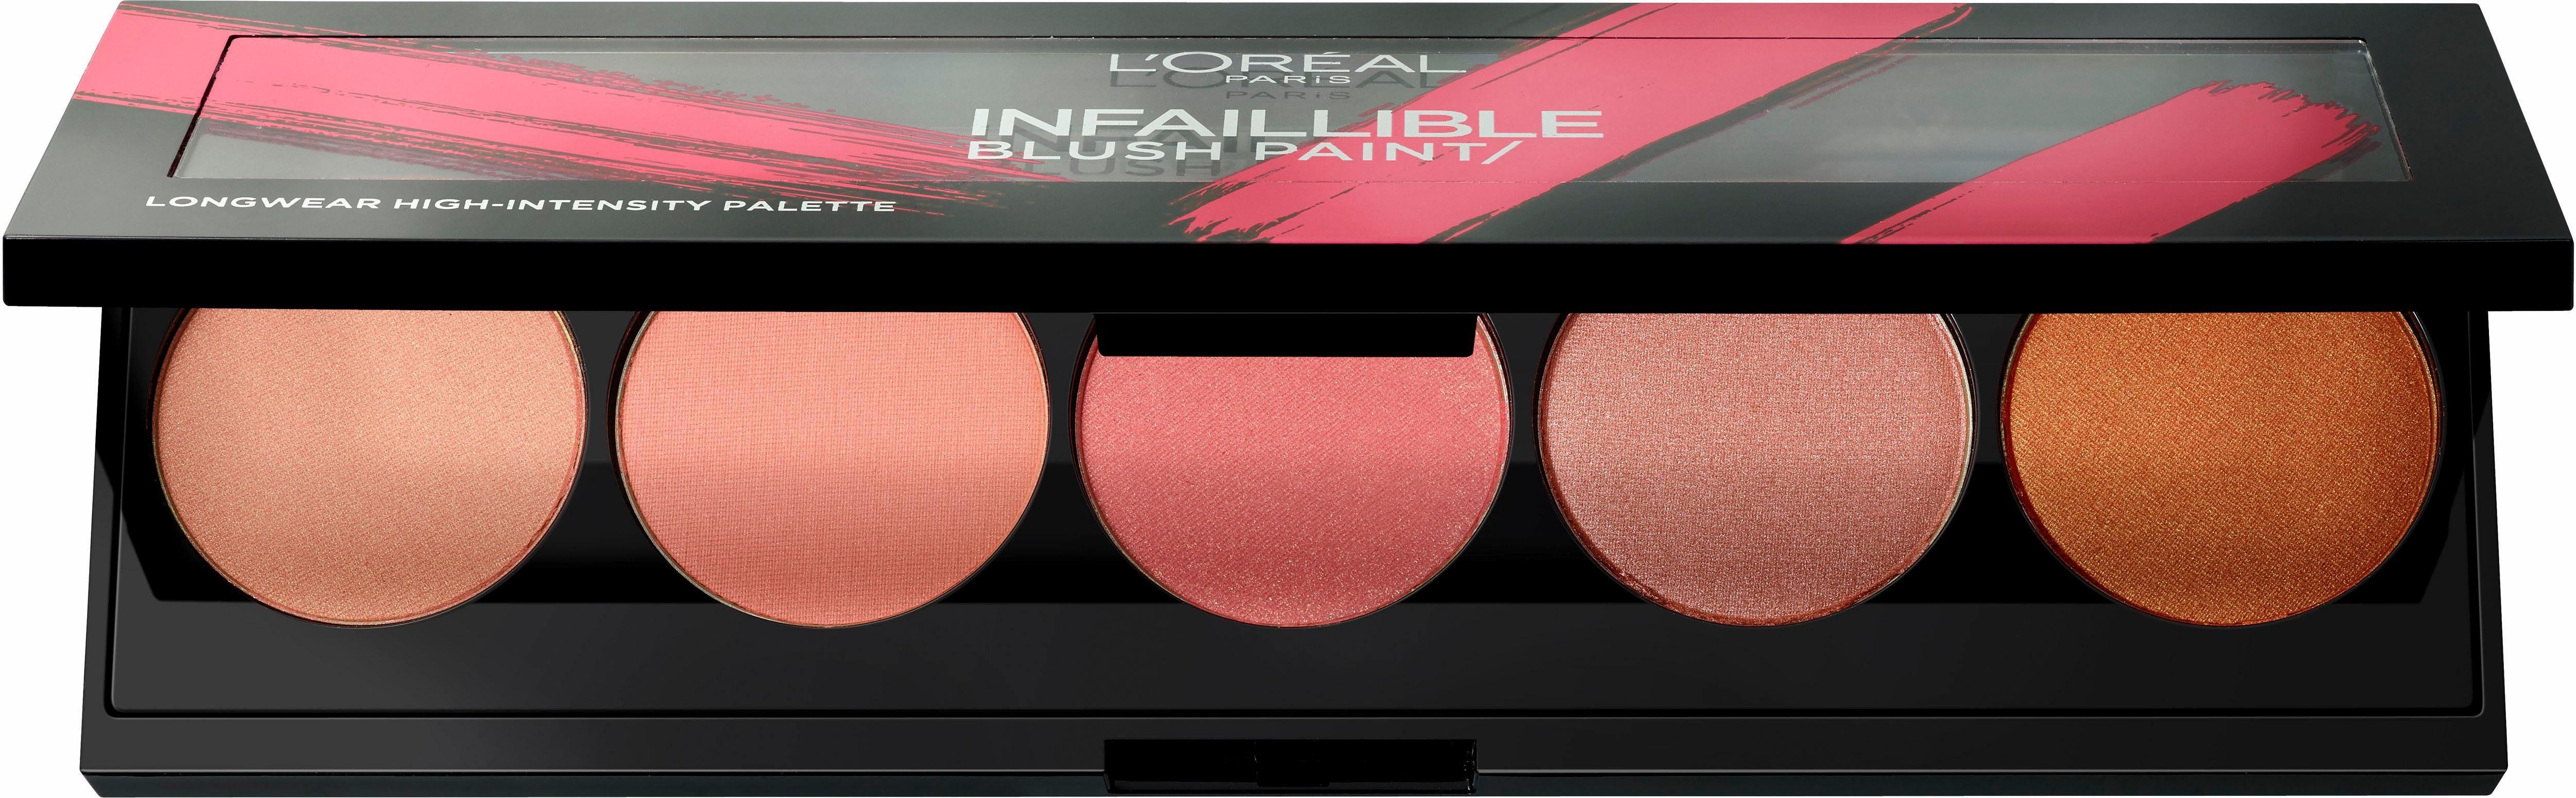 L'Oréal Paris, »Infaillible Blush Paint«, Rouge-Palette